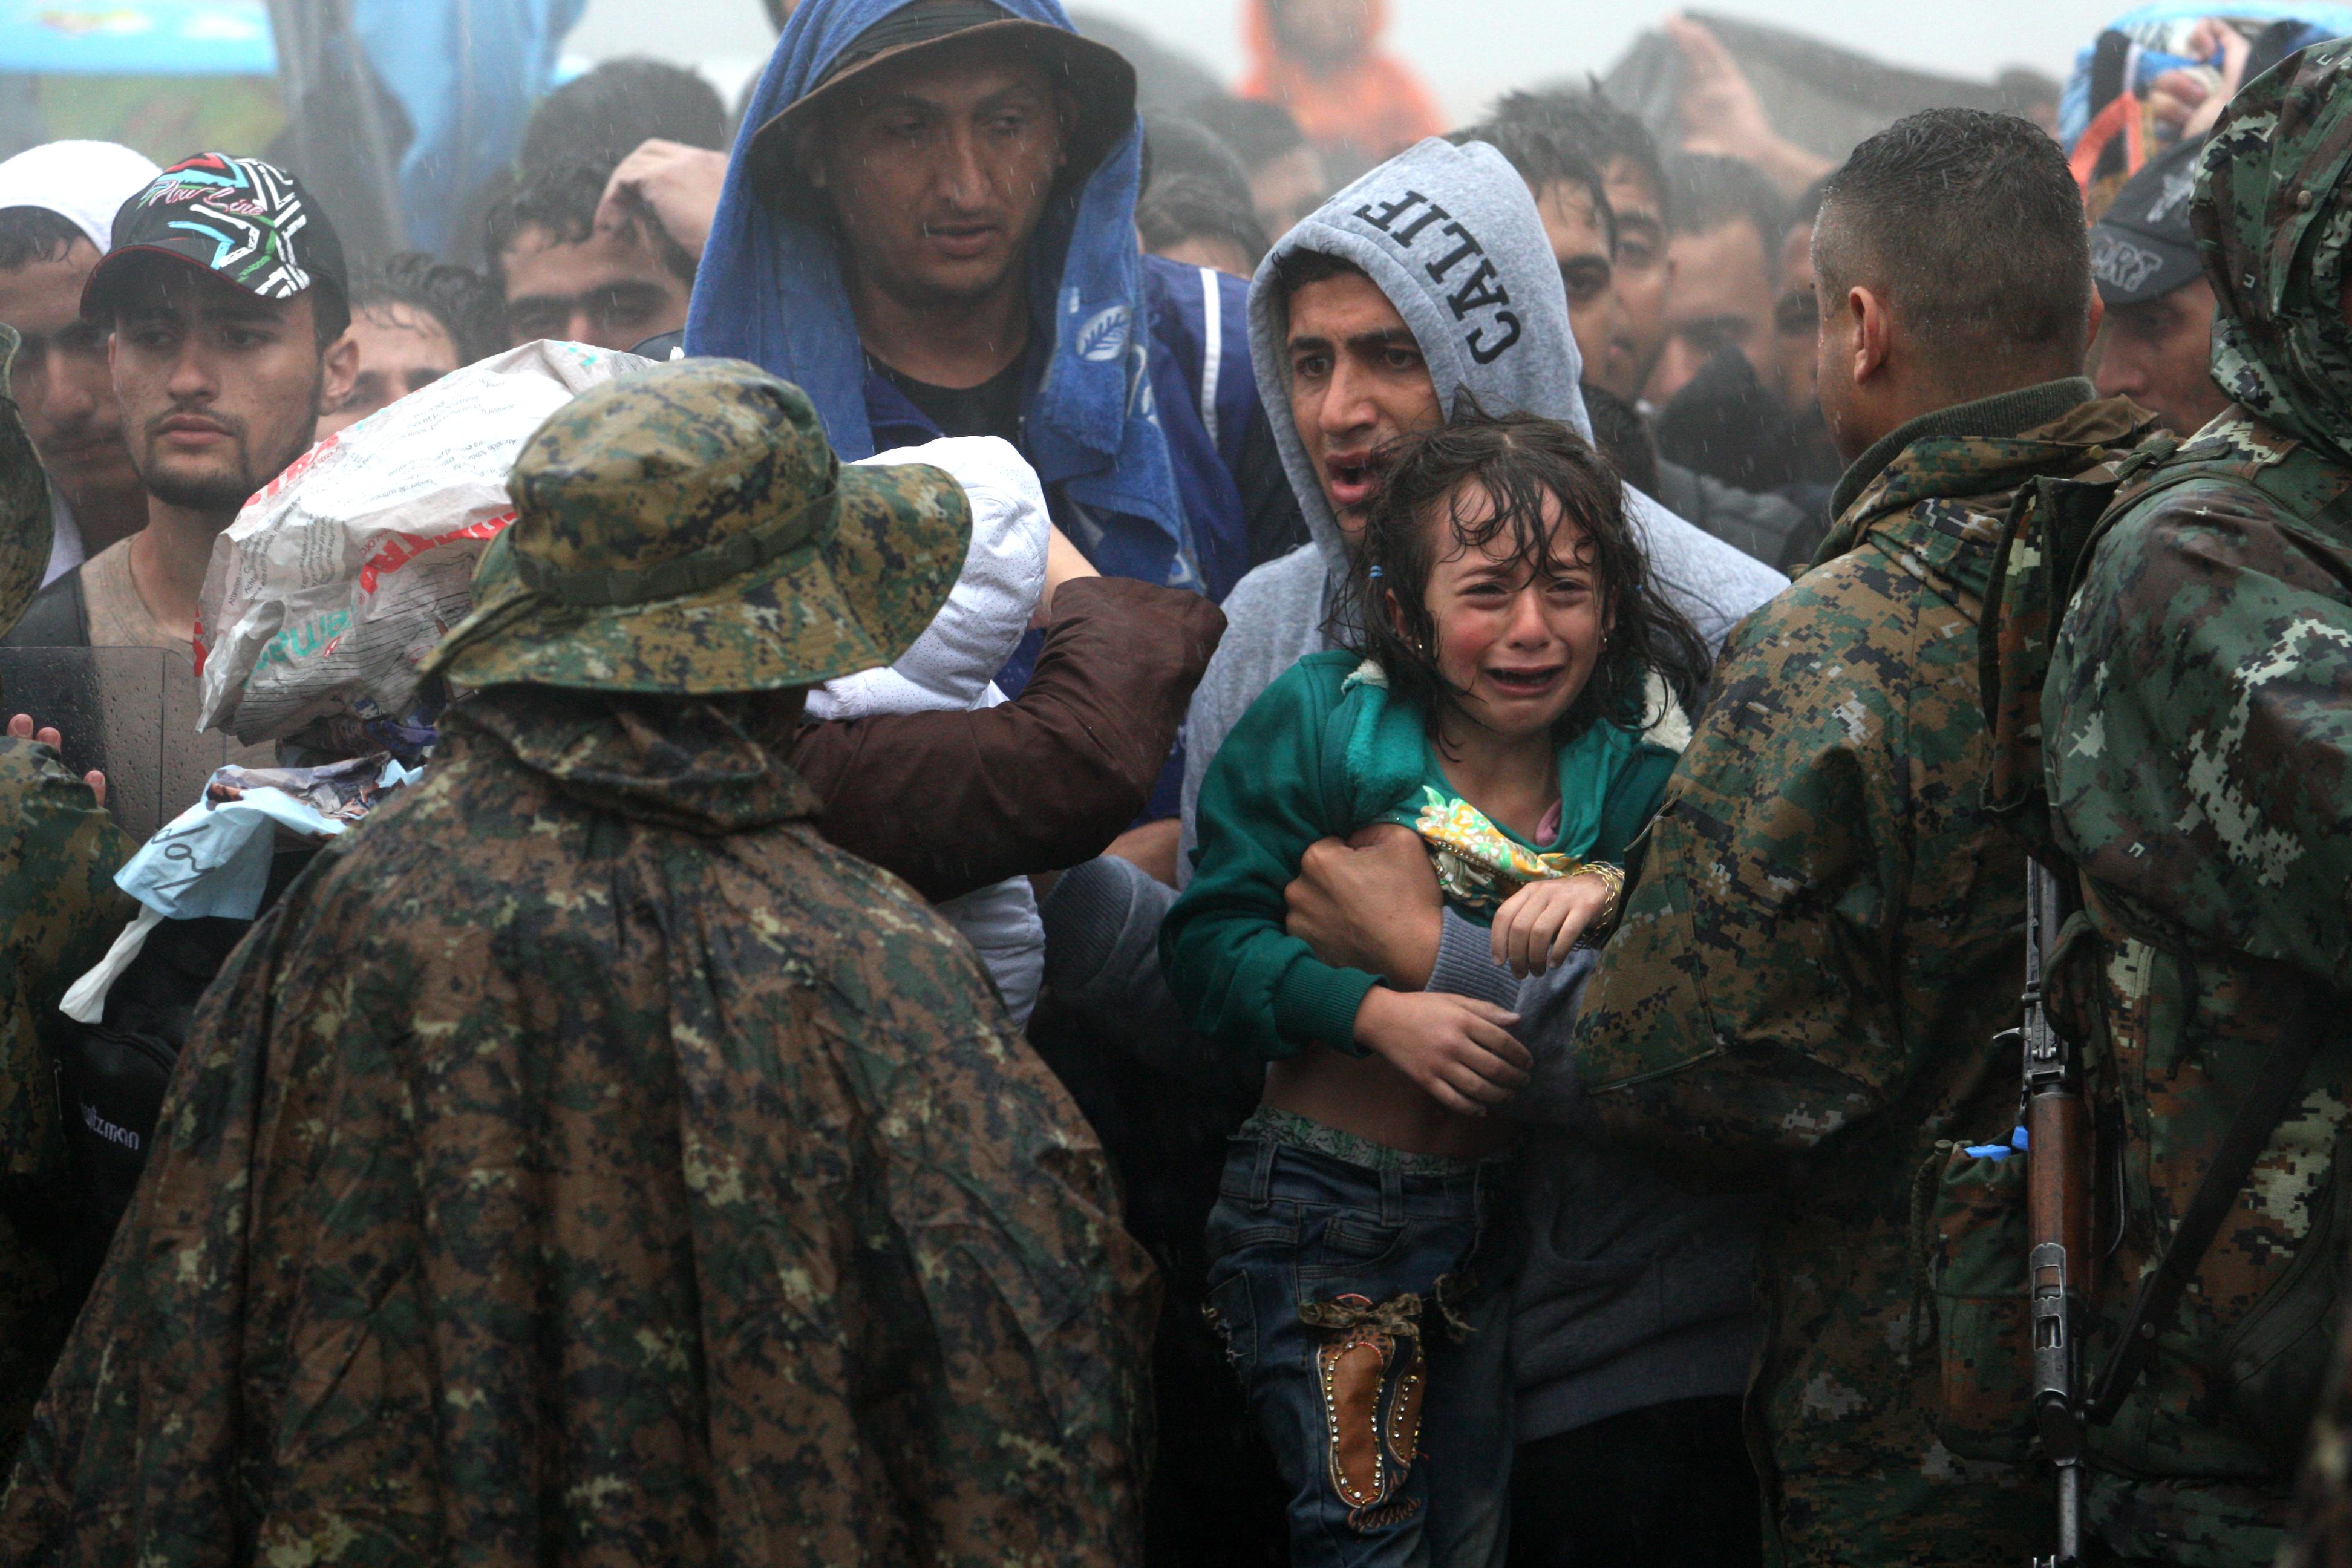 لاجئون ينتظرون تحت الأمطار لعبور الحدود اليونانية - المقدونية